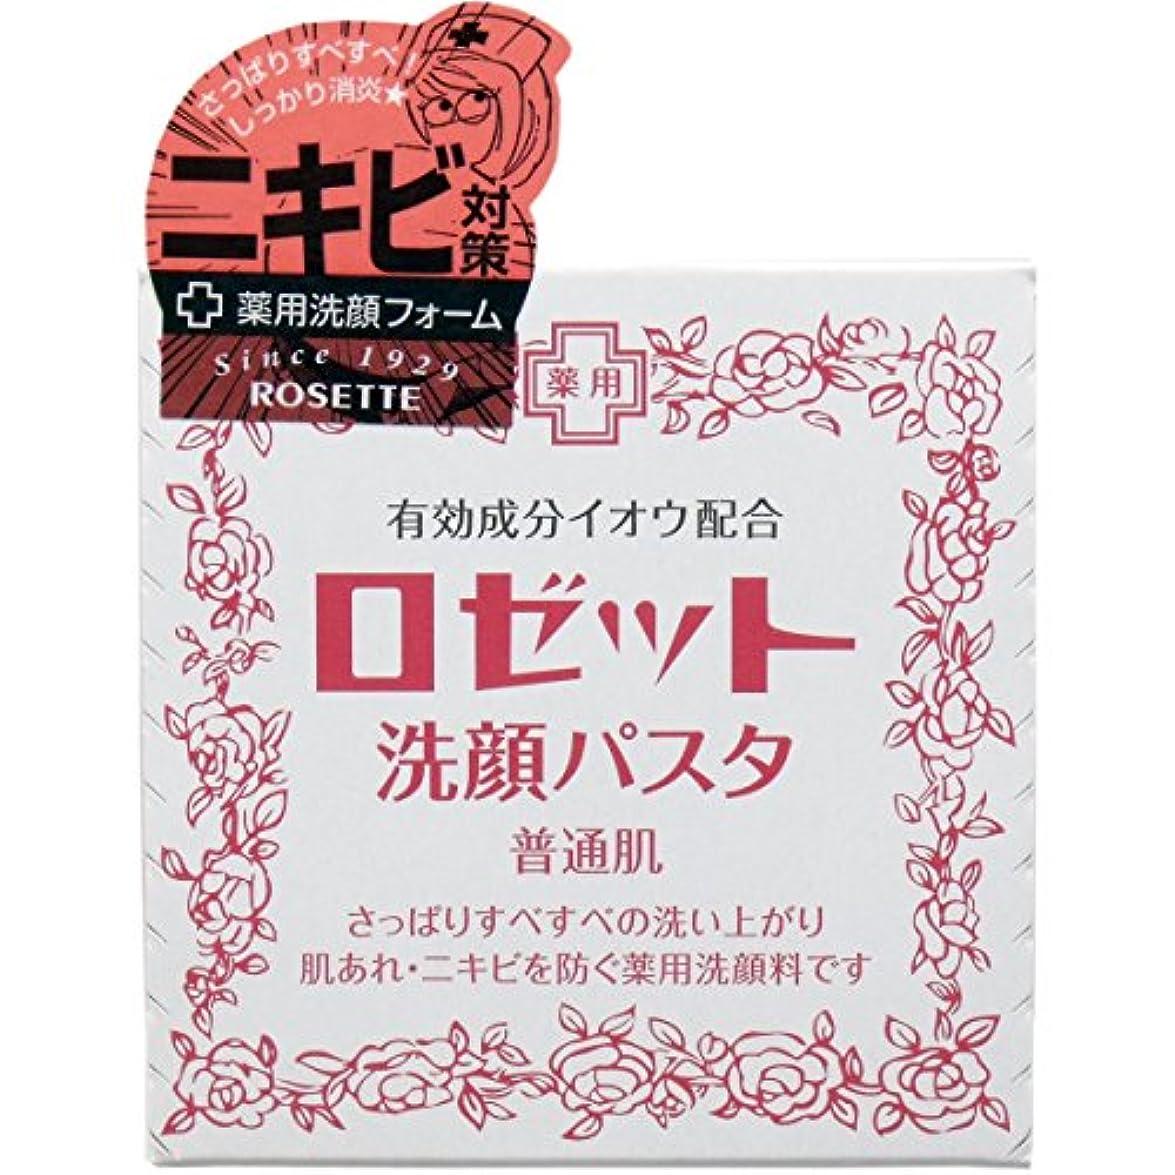 コカインお手伝いさん受ける【まとめ買い】ロゼット 洗顔パスタ 普通90g ×2セット